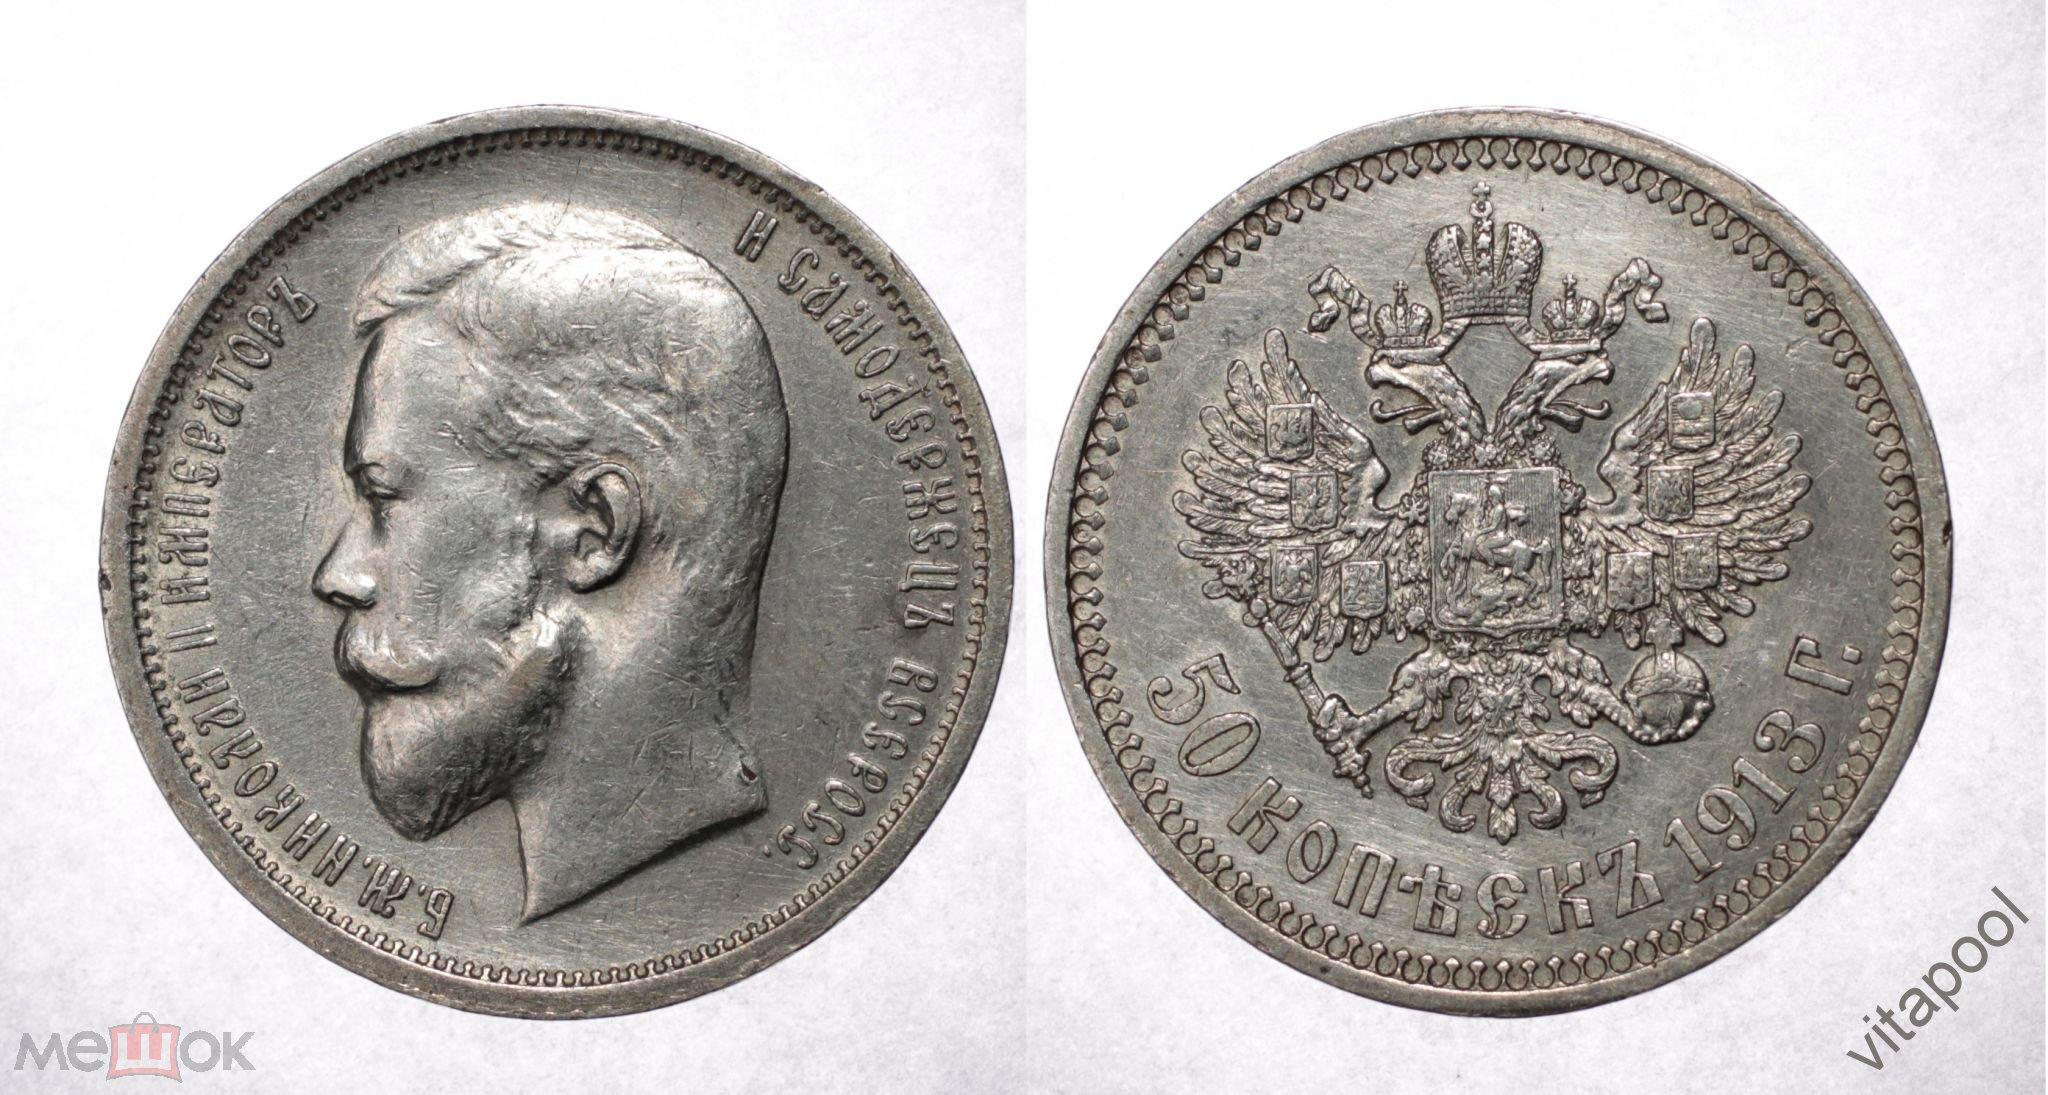 50 копеек 1913 вс олби дипломат